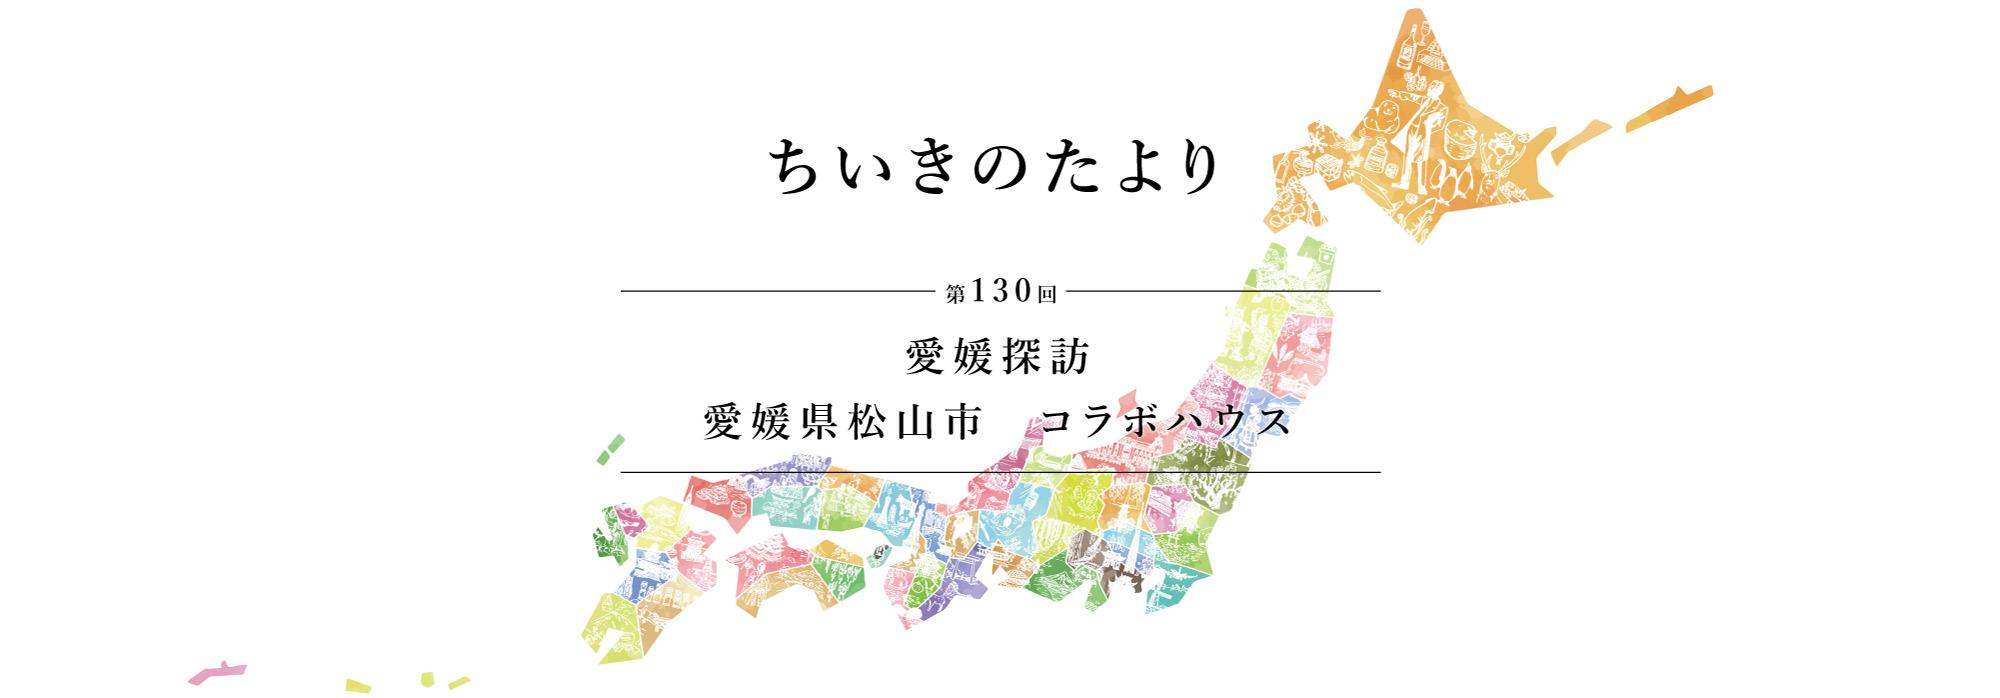 ちいきのたより第130回愛媛探訪愛媛県松山市 コラボハウス